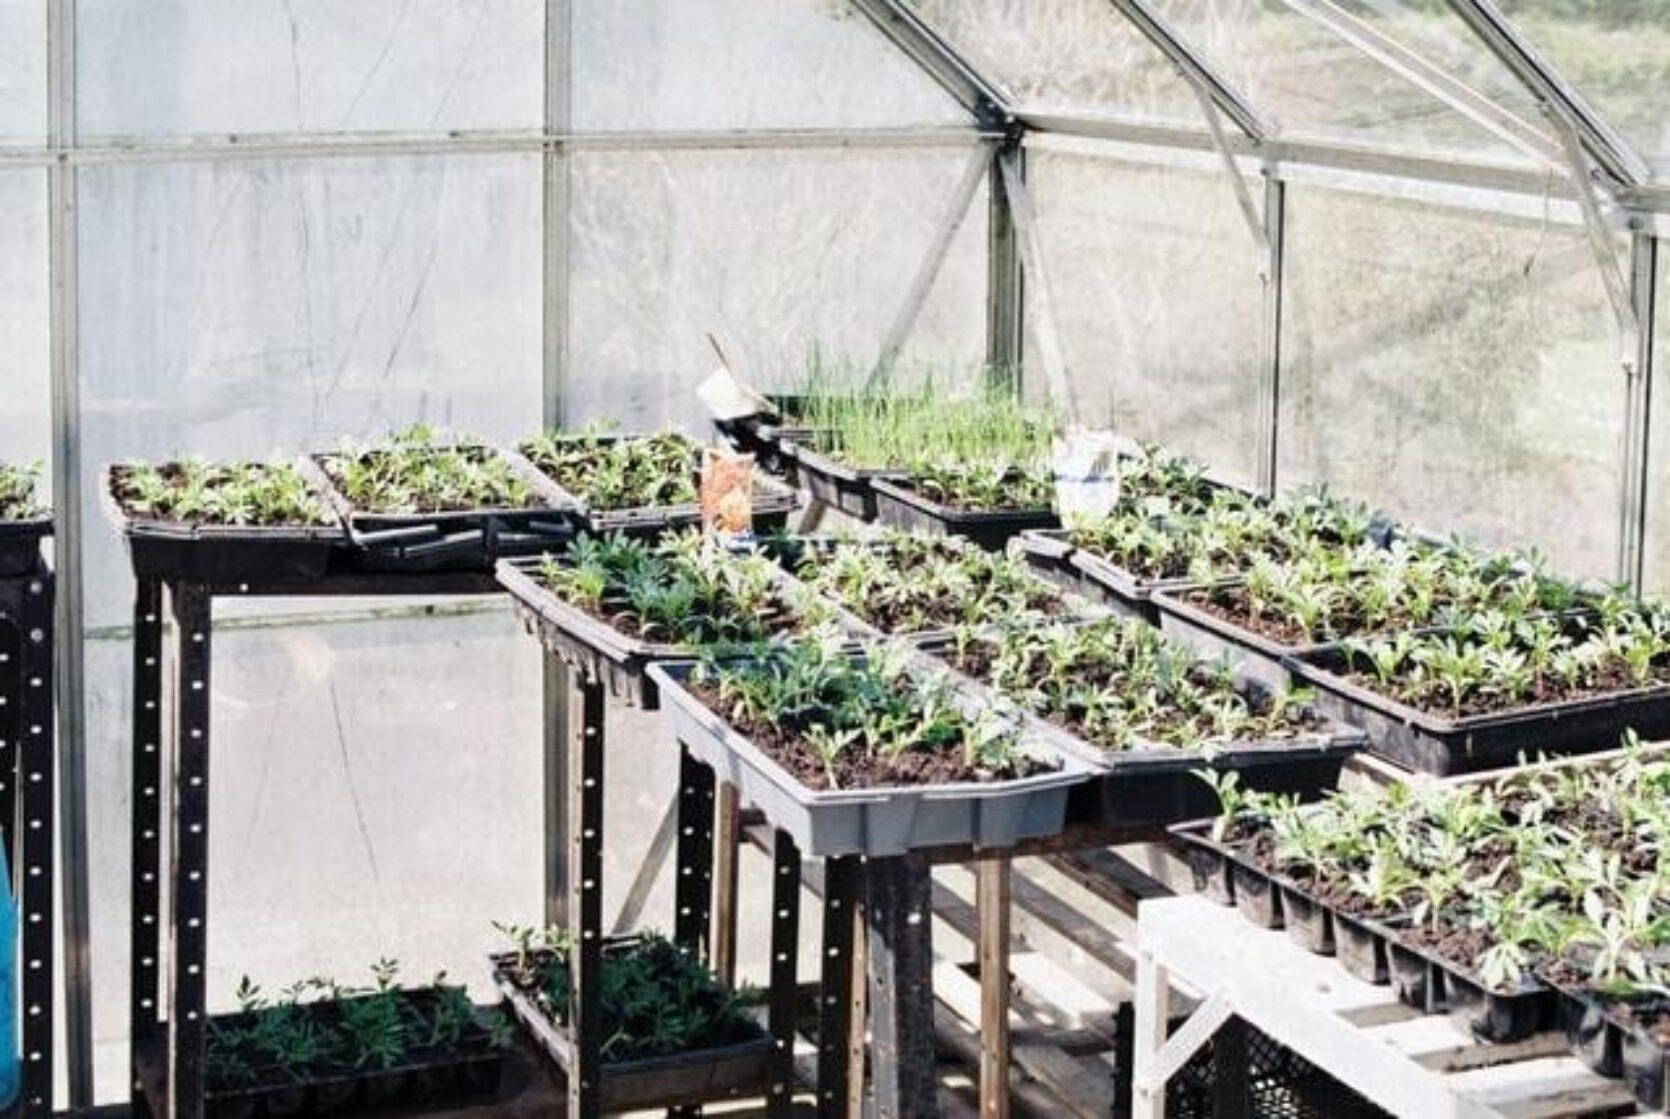 Drivhus innendørs med flere plantebrett med stiklinger på arbeidsbord